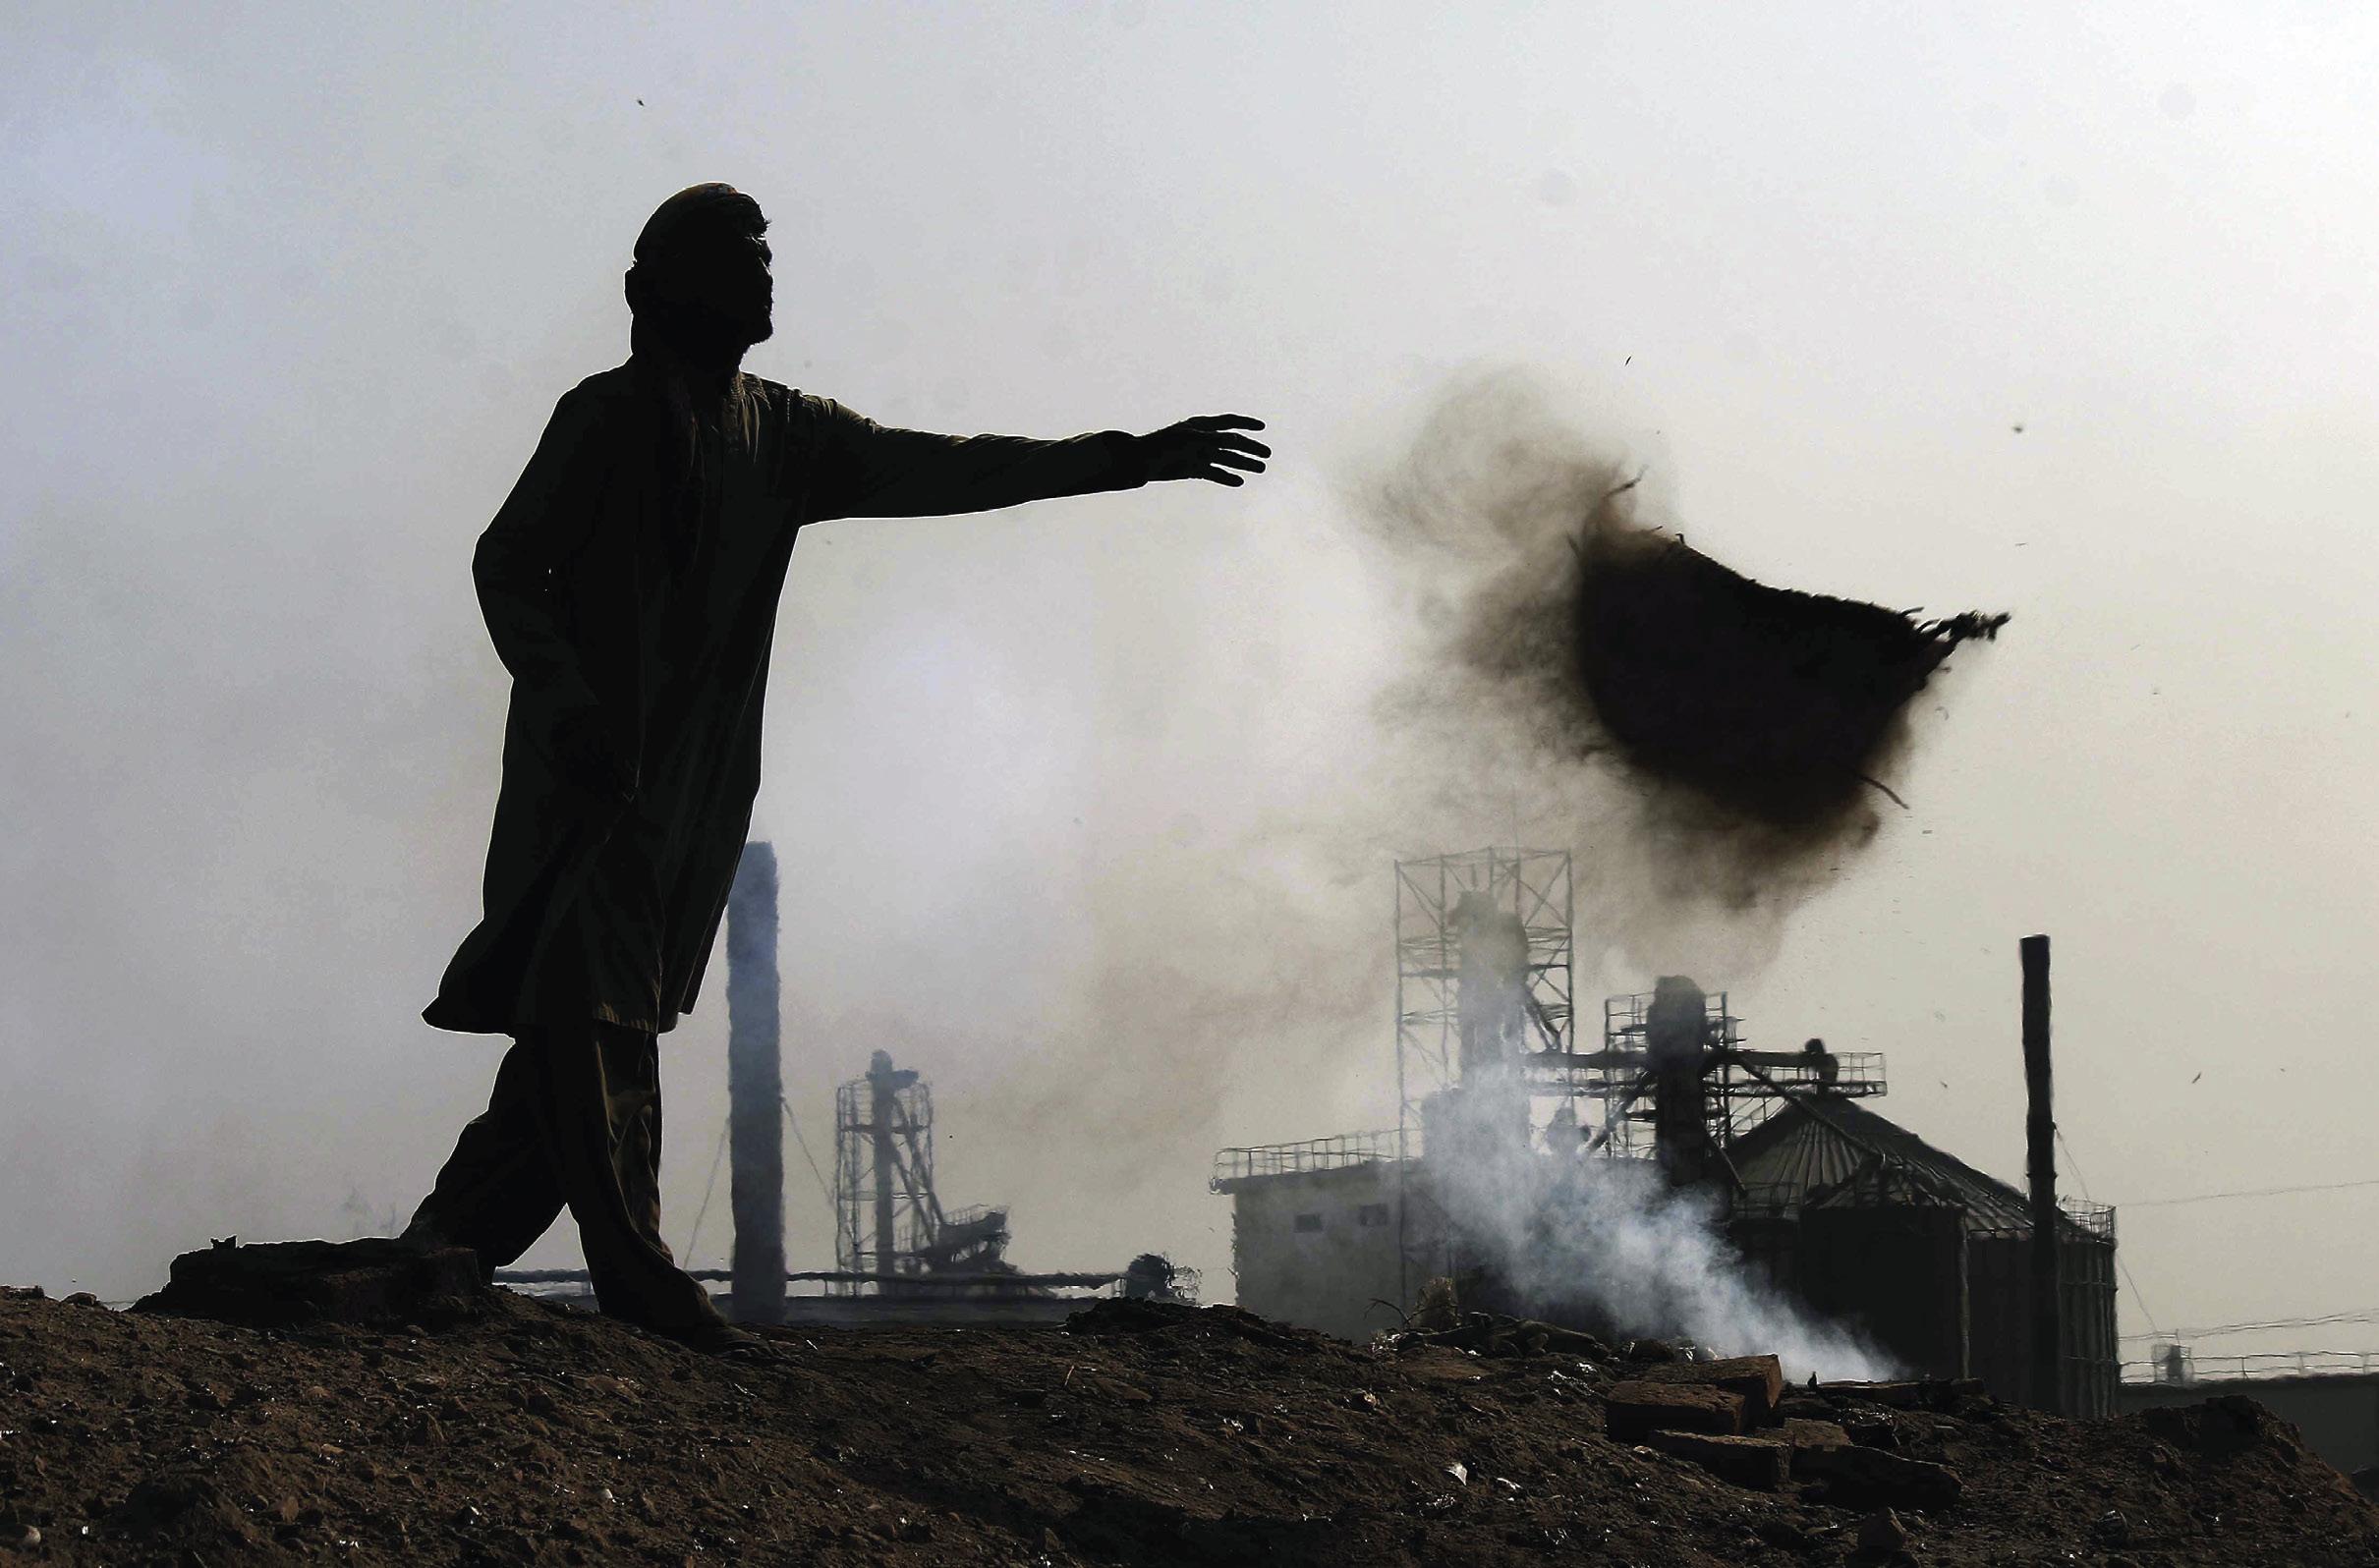 Fábrica nos arredores de Karachi, Paquistão, onde a qualidade do ar atingiu níveis perigosamente prejudiciais à saúde. Foto EPA / SHAHZAIB AKBER